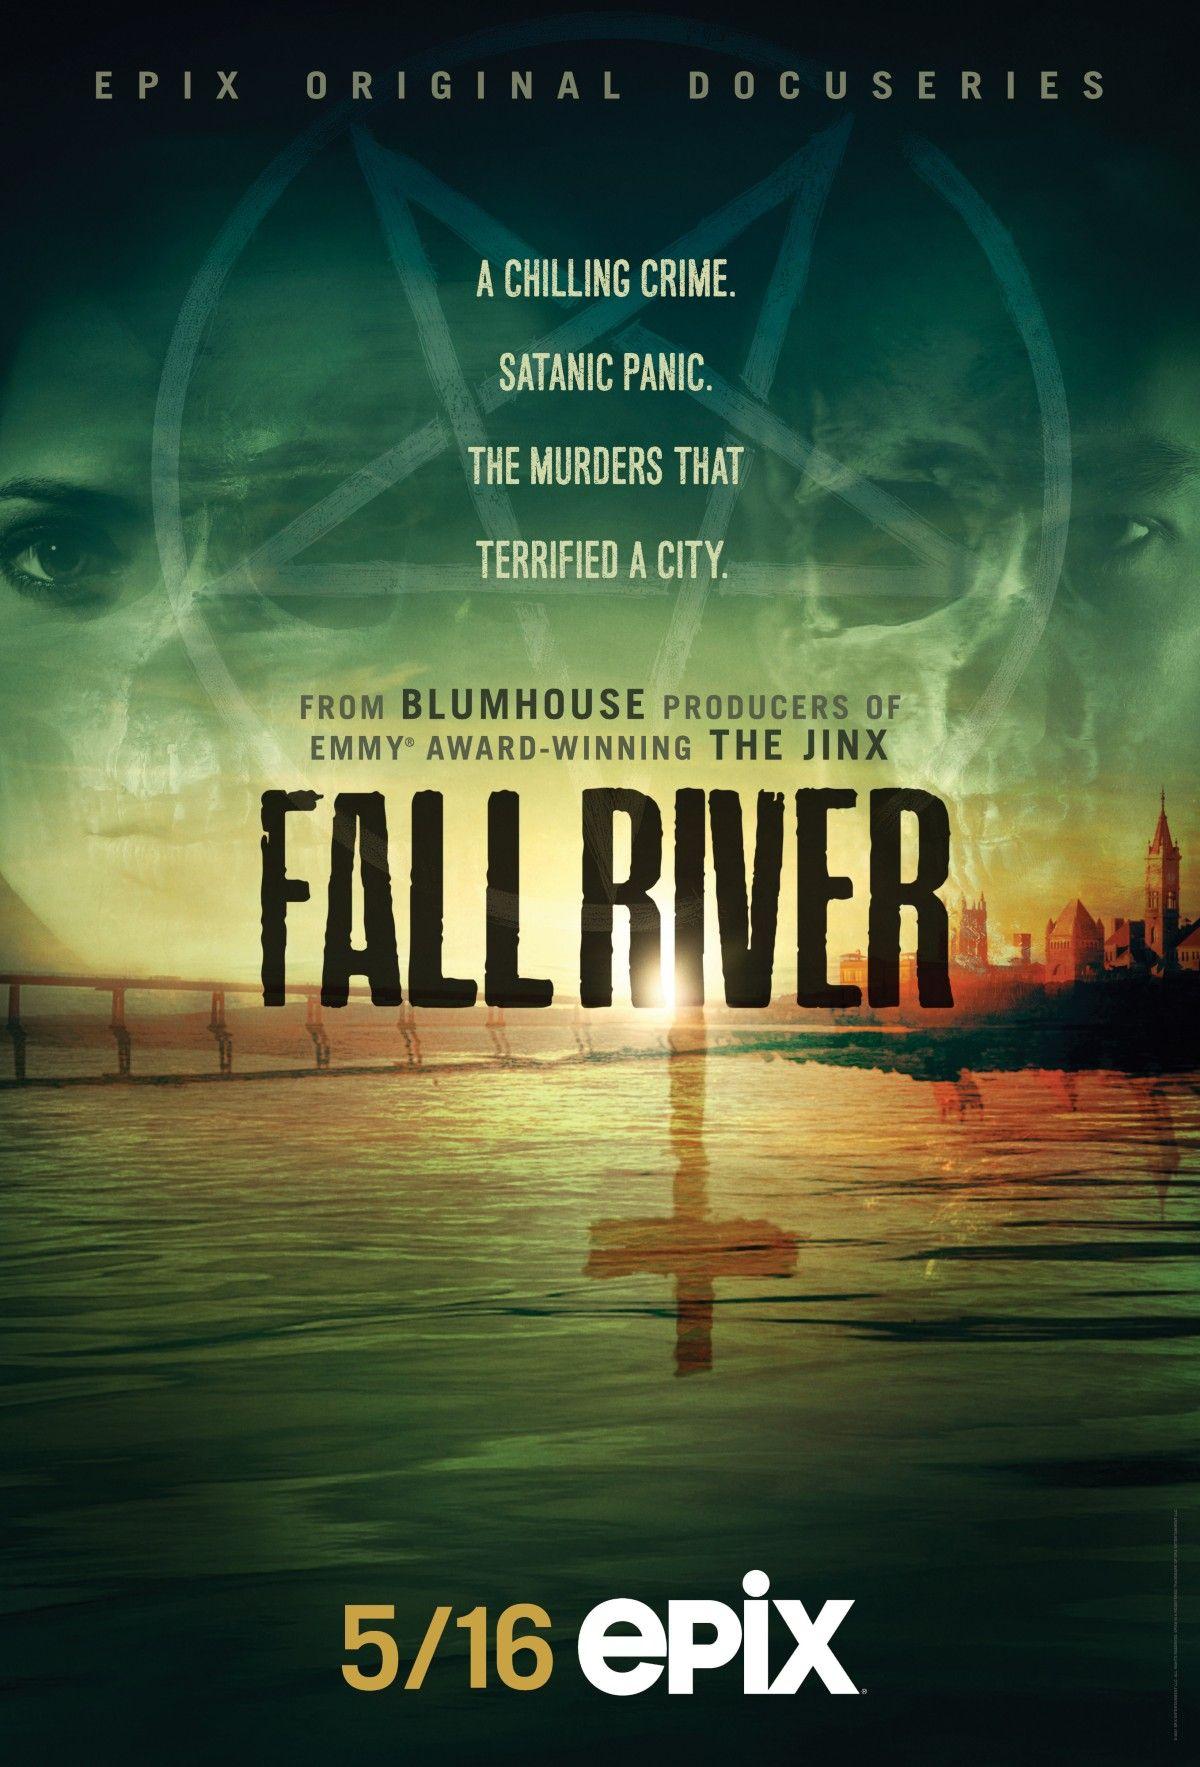 Trailer de 'Fall River': Blumhouse investiga o pânico satânico em documentos sobre crimes verdadeiros 2